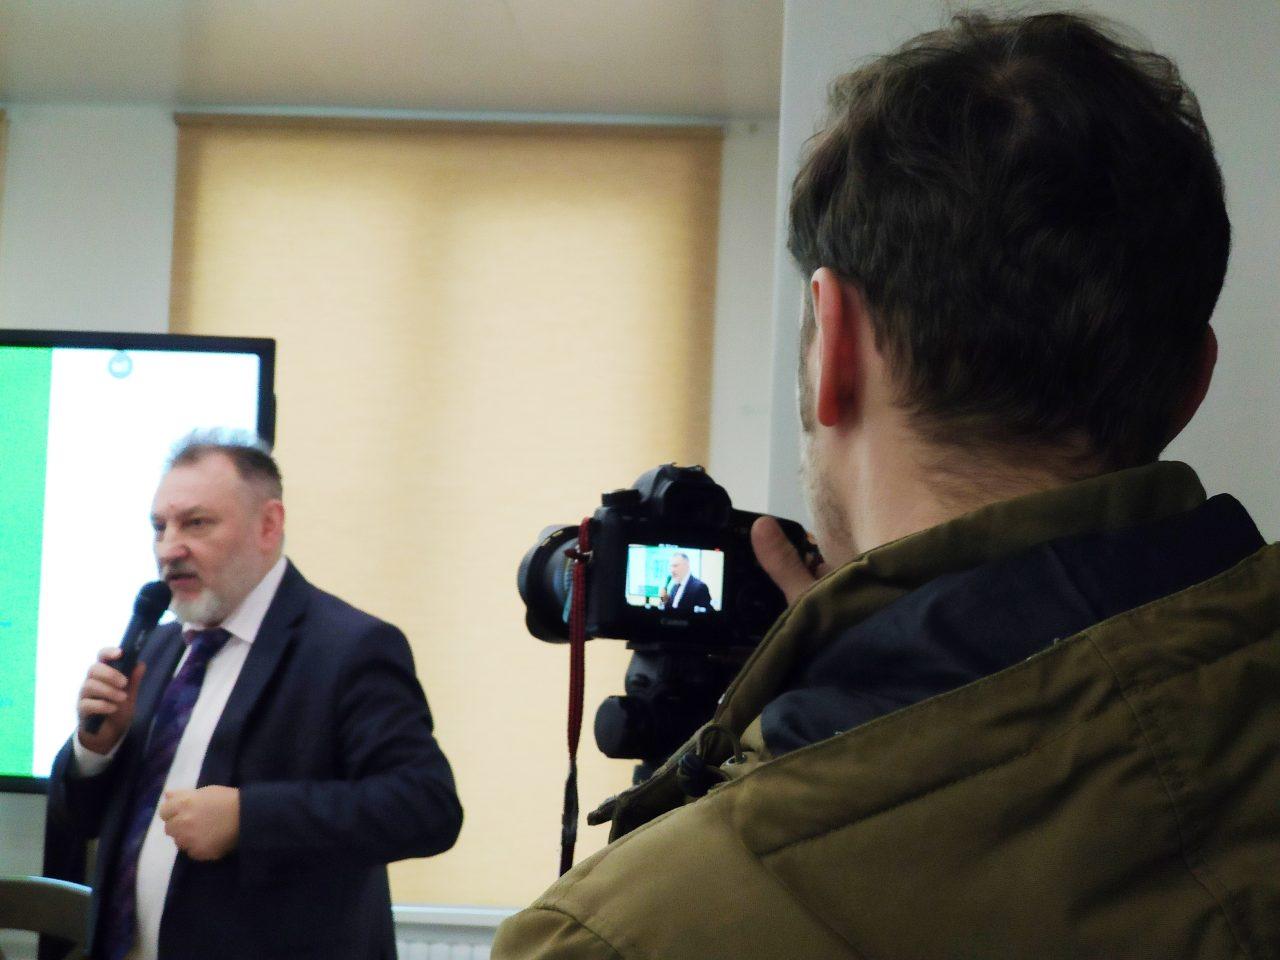 «После таких историй понимаешь: журналистике довольно сложно научить, ей можно только научиться». В Минске прошла презентация книги «Журналистика — это...» 19